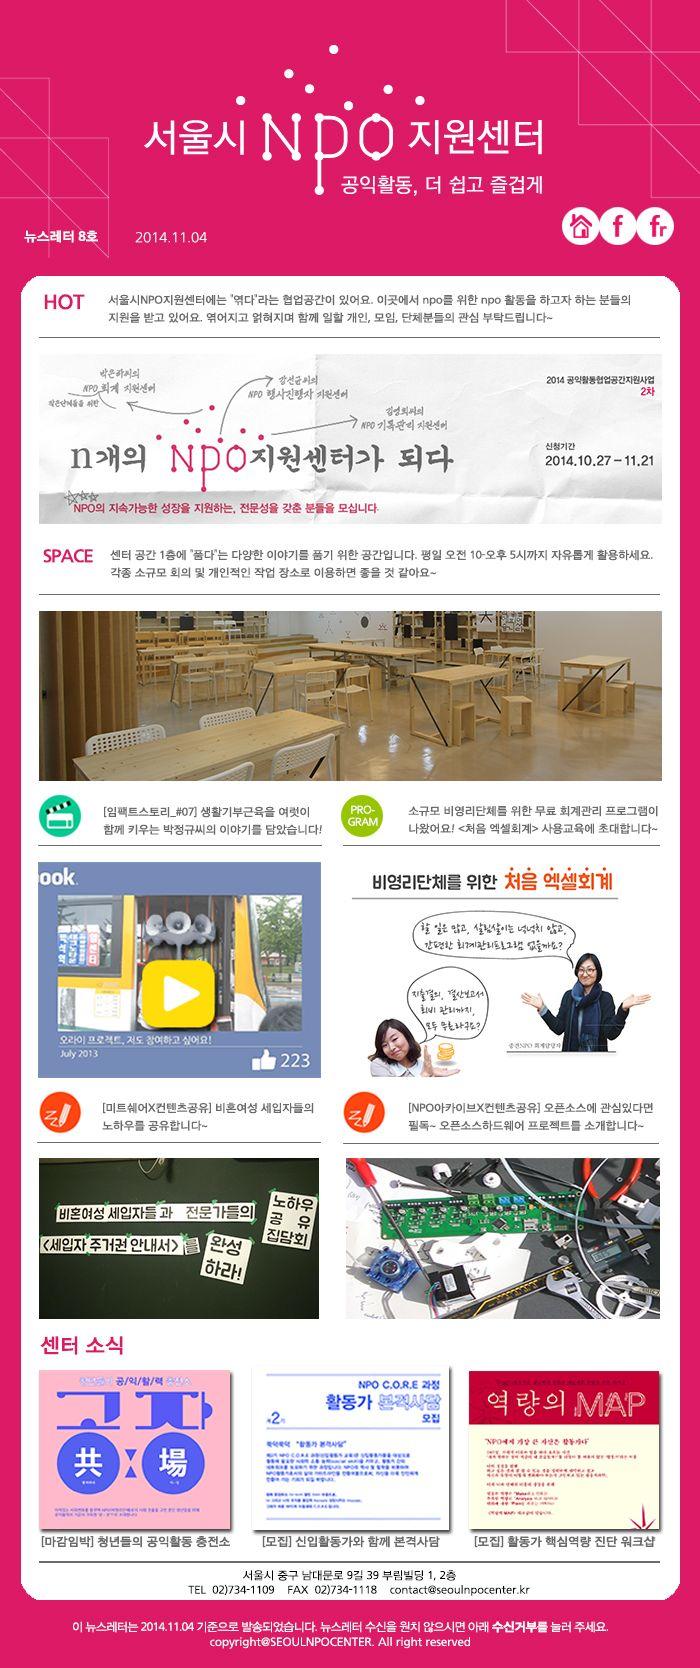 [서울시NPO지원센터 뉴스레터] #08 협업의 공간으로 OK, GO! > 센터소식게시판 - 서울특별시 NPO 지원센터